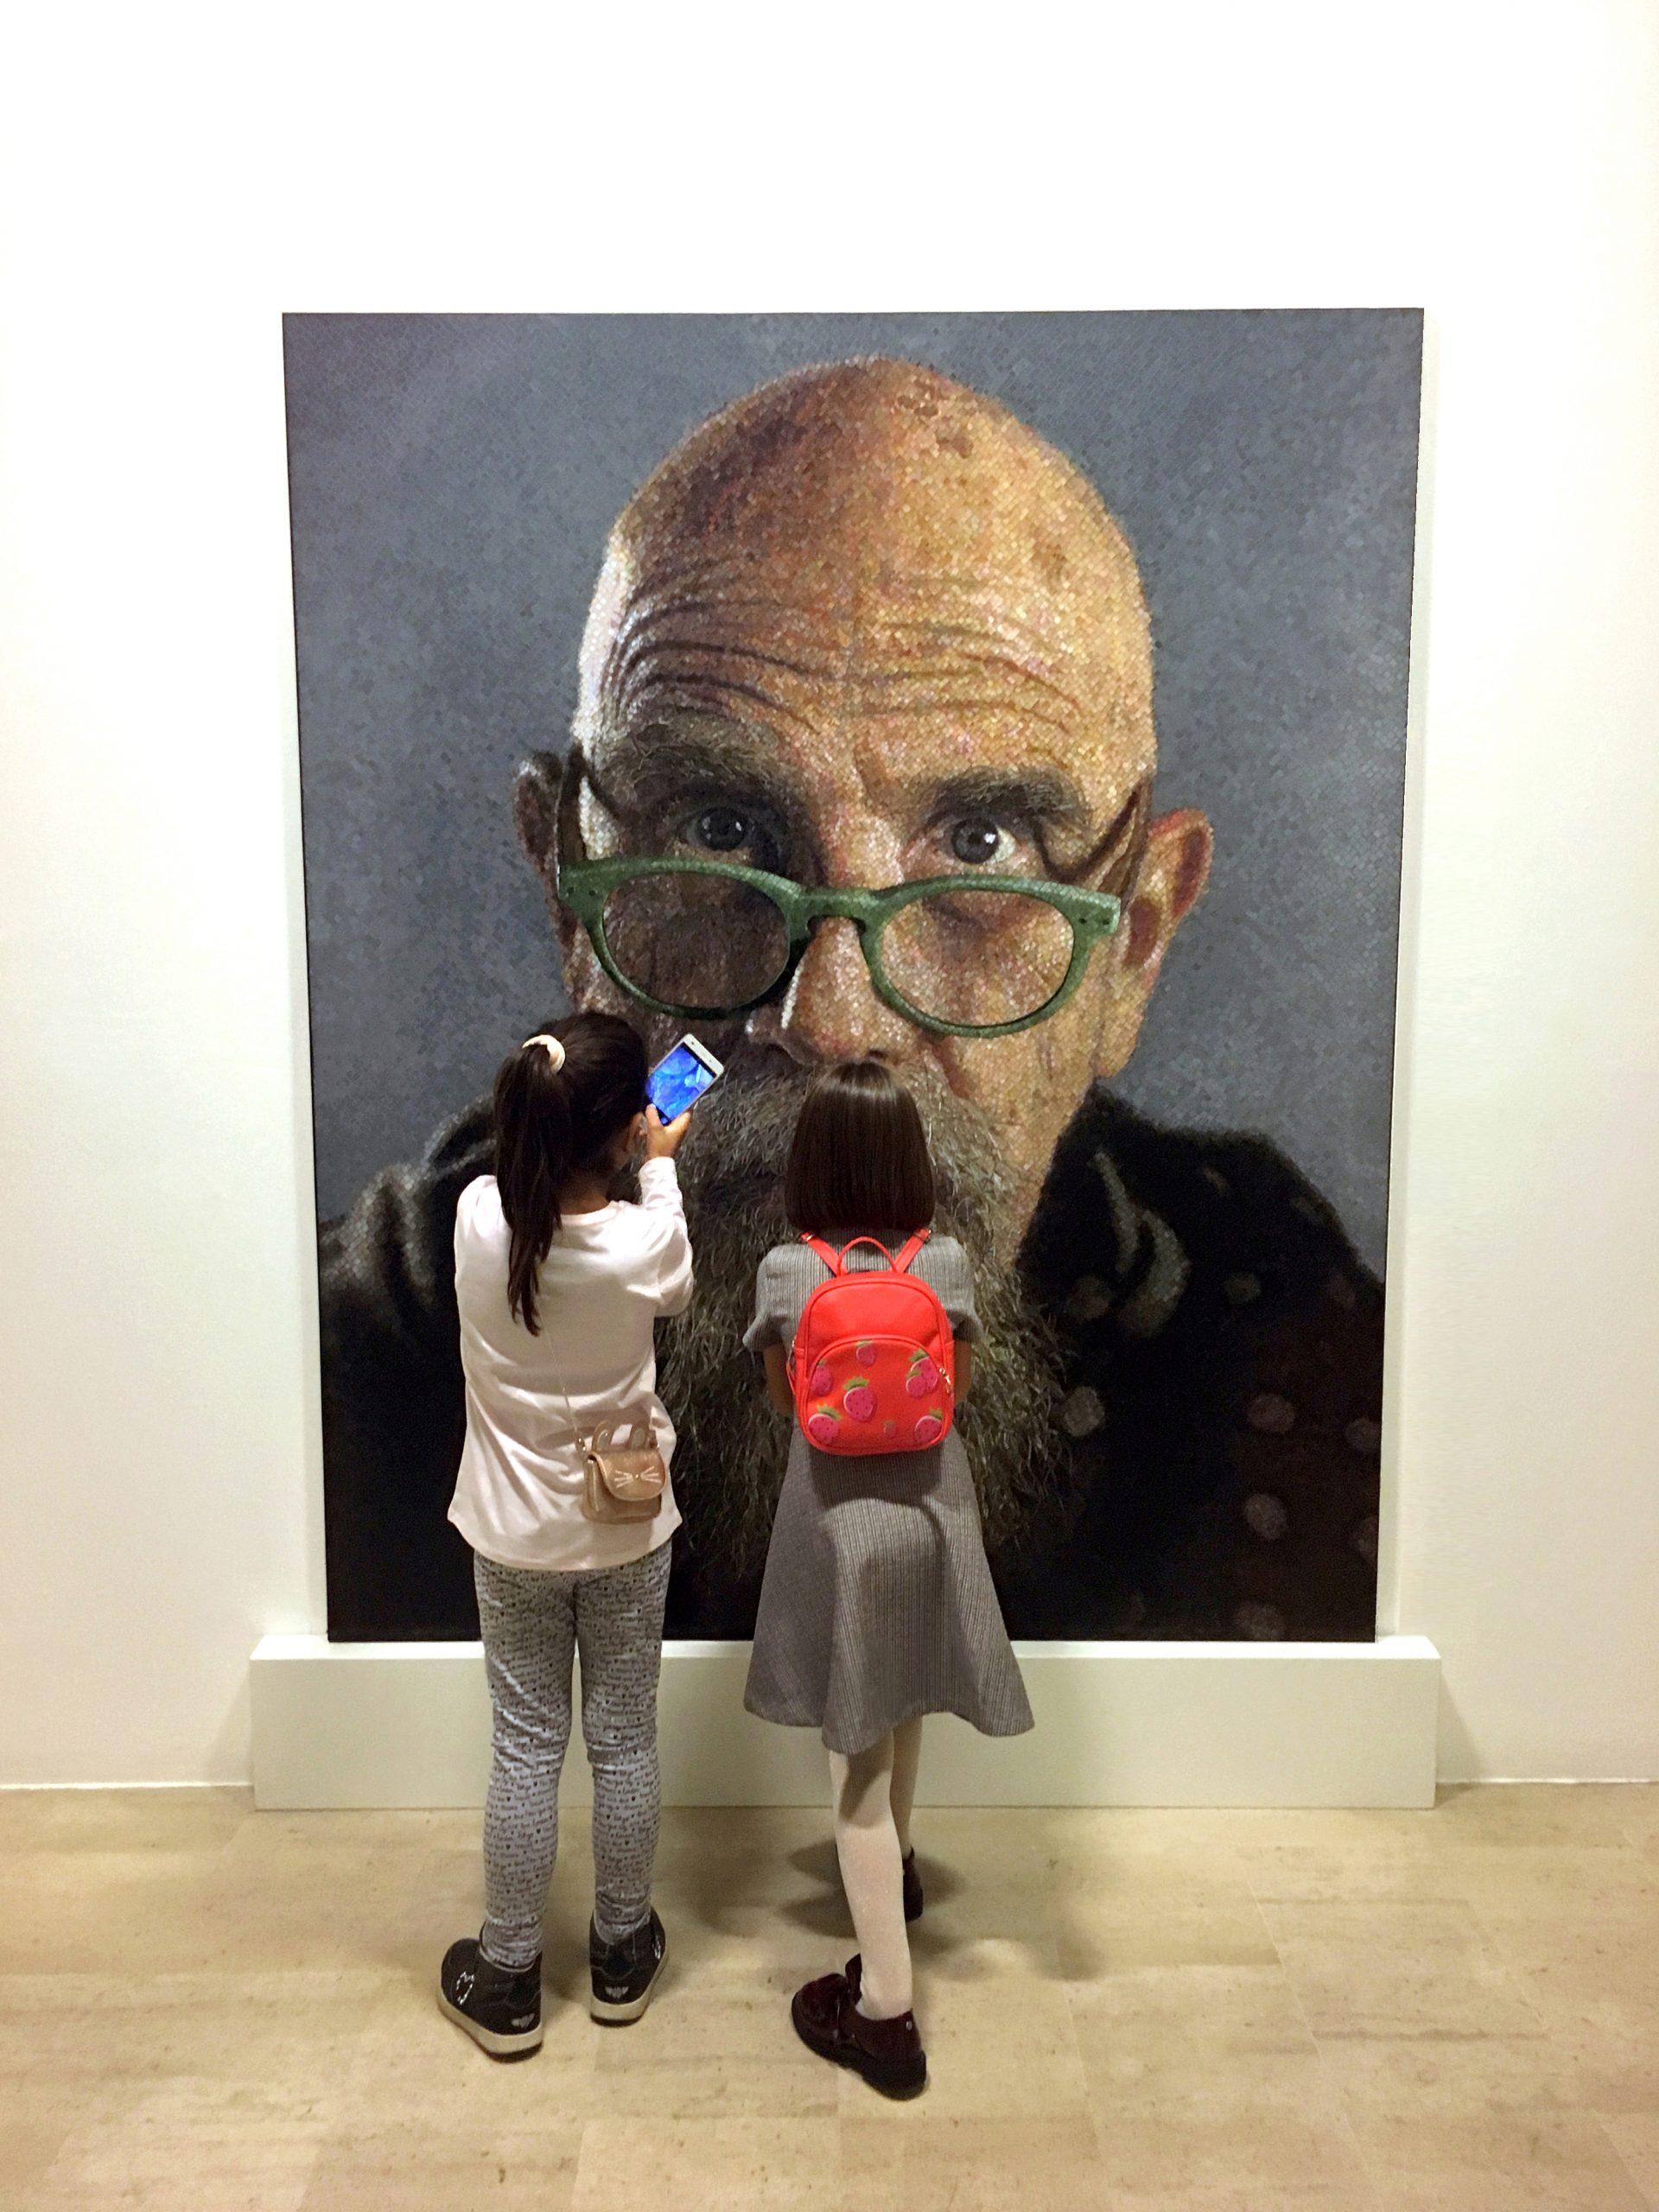 kids look at mosaic